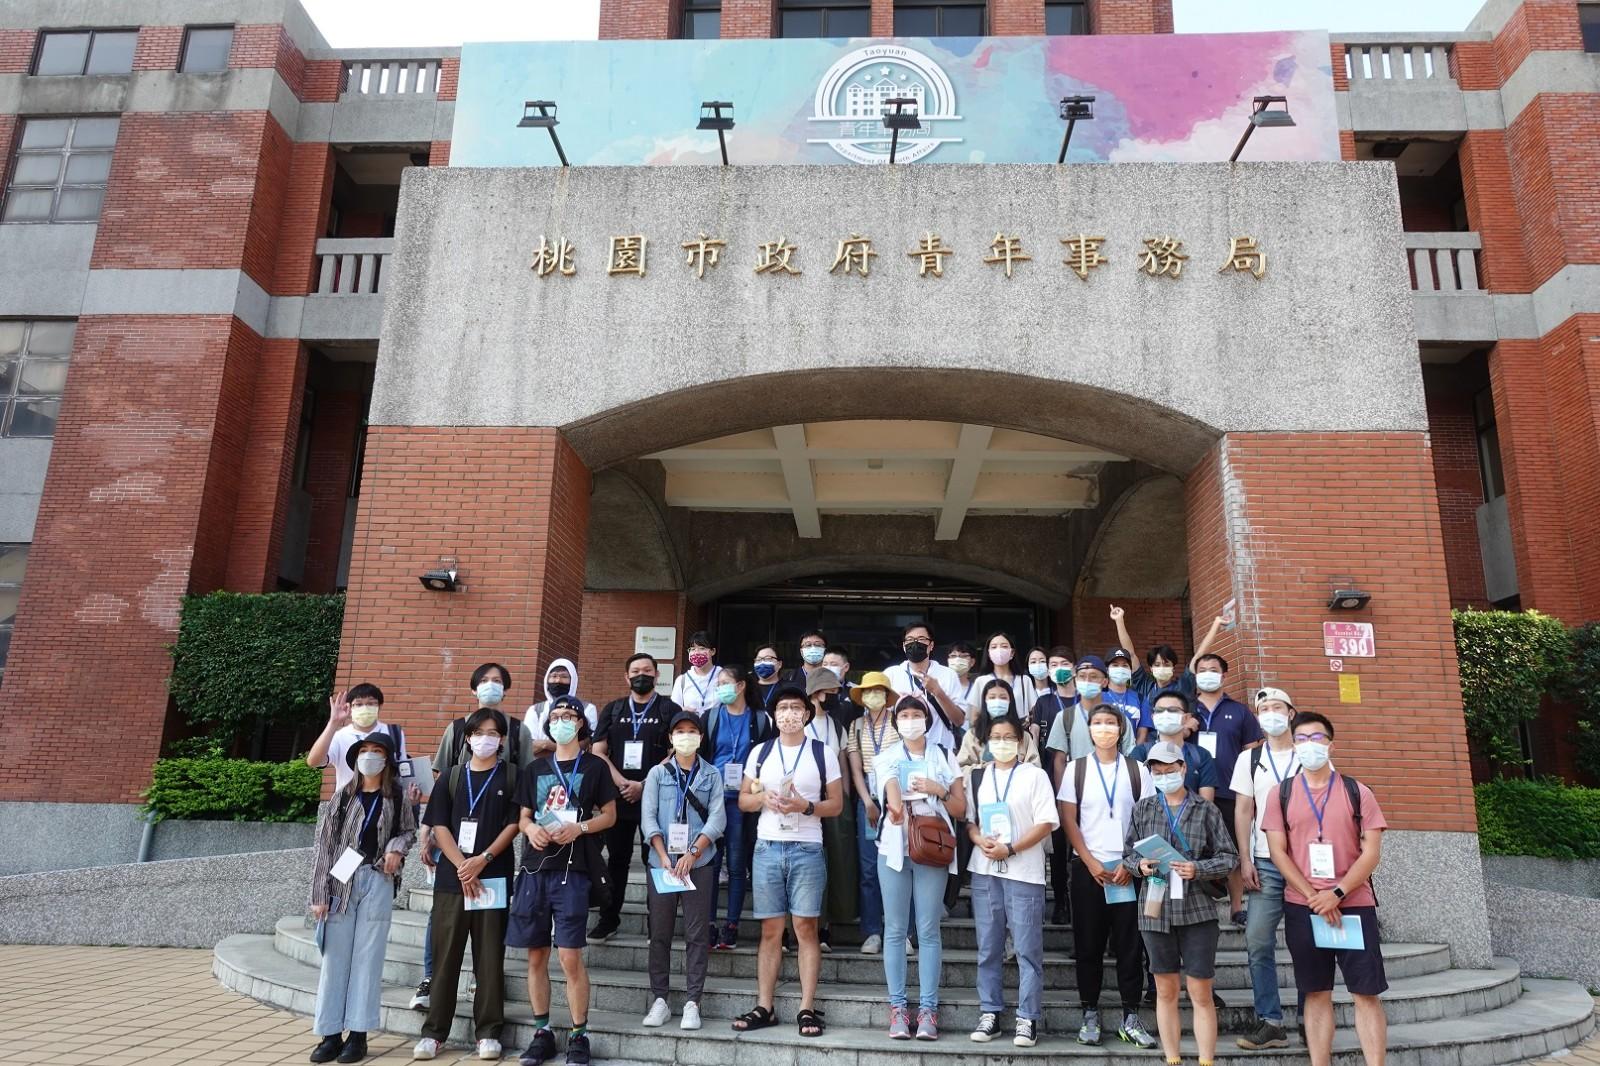 桃園市青年局帶領15組青年永續團隊前往苗栗卓蘭參訪。.jpg